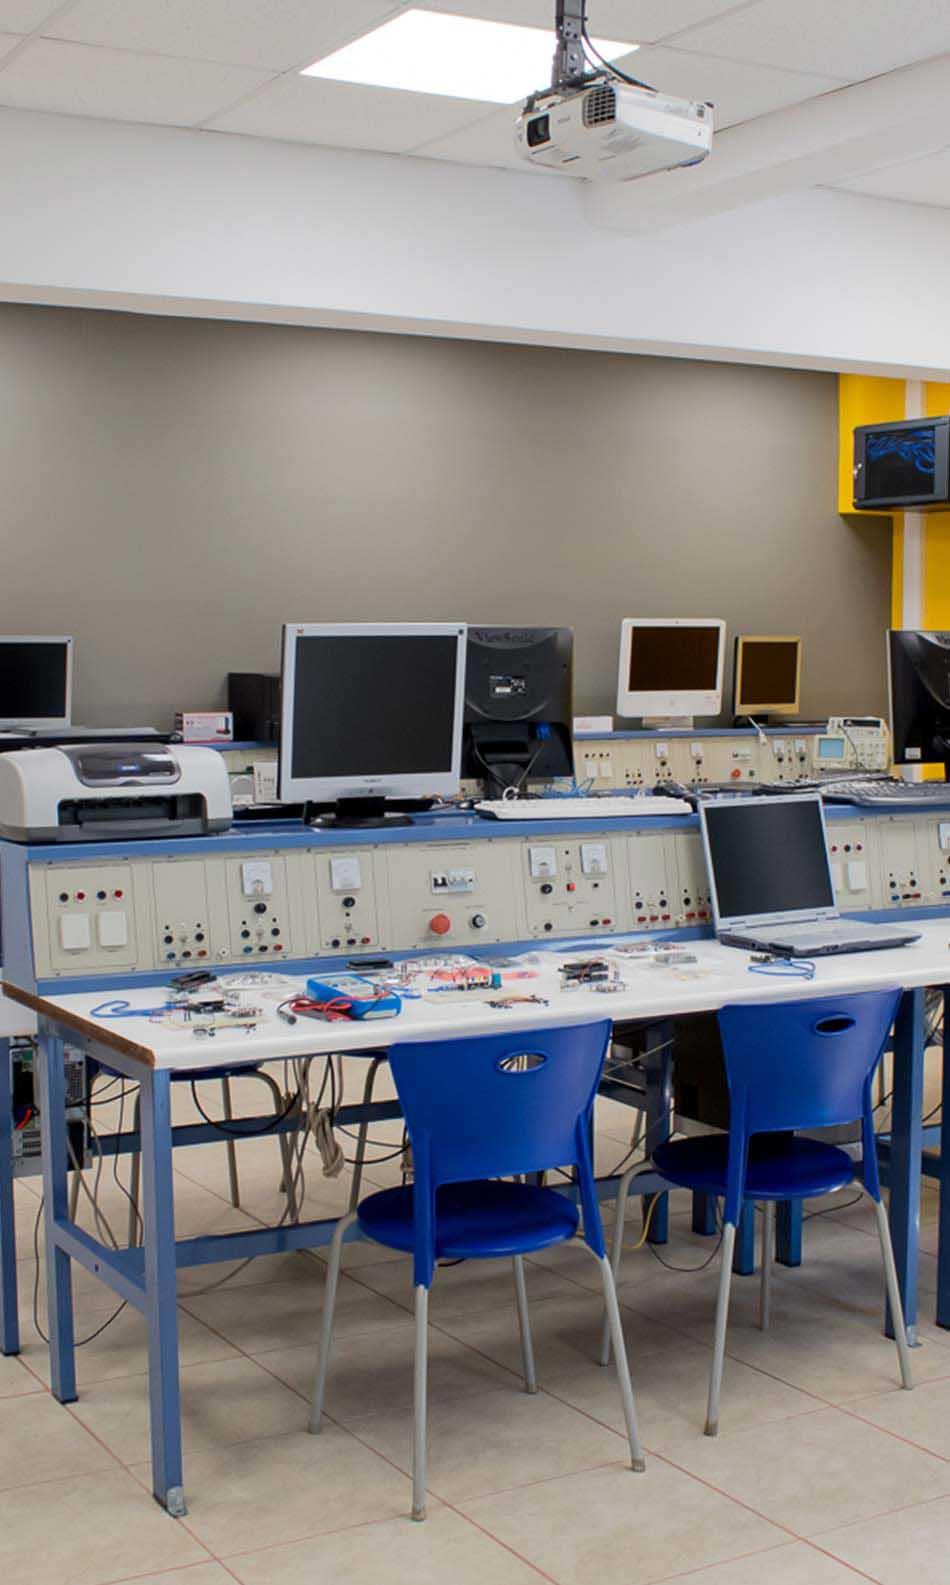 ΙΕΚ ΑΚΜΗ: Εργαστήριο Σχολής Τεχνικός Υπολογιστών